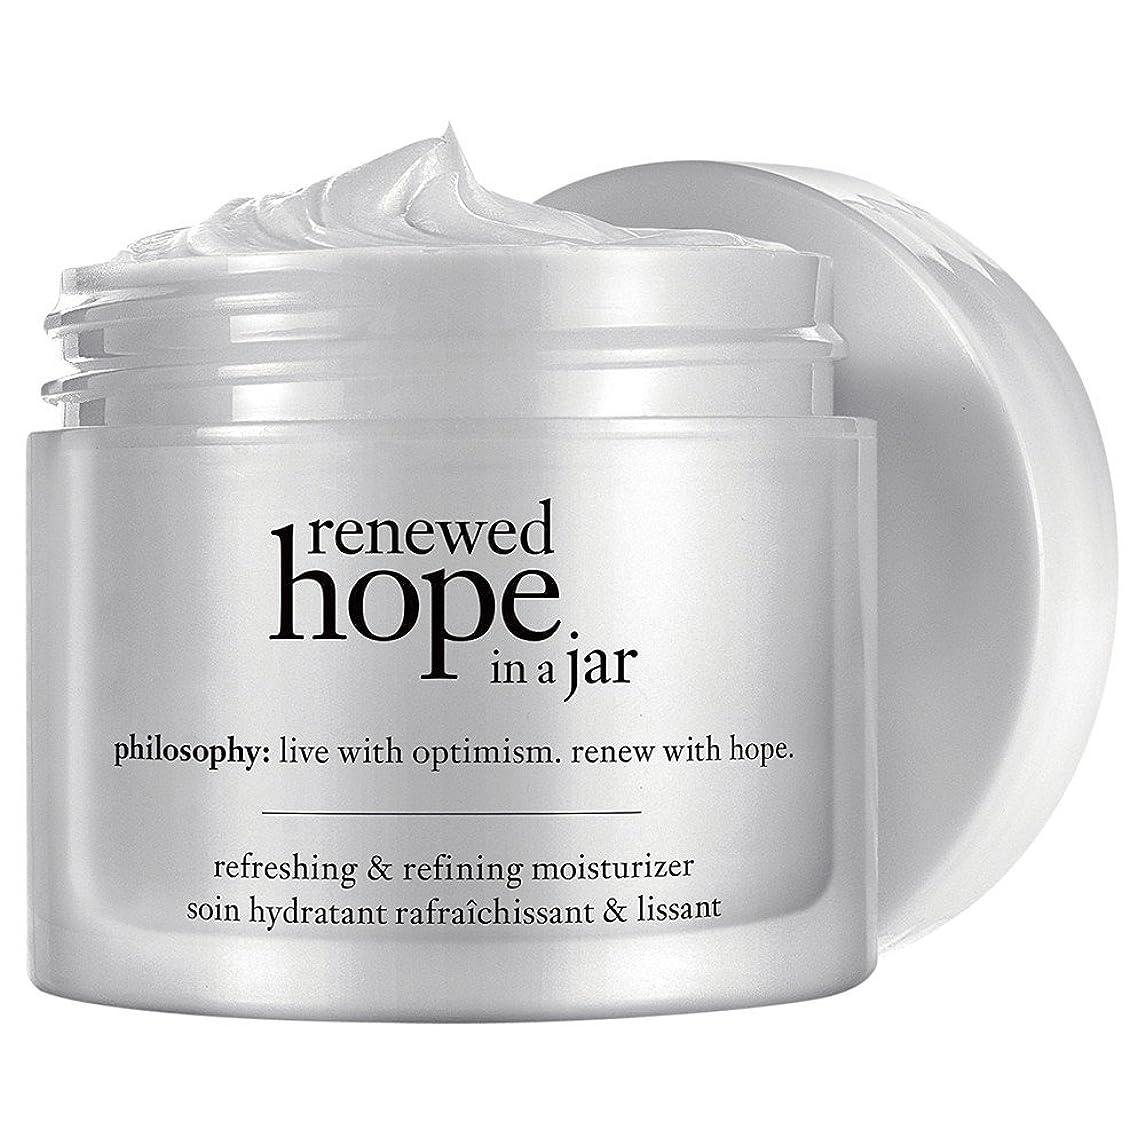 眠っている悪用デッキ瓶内の哲学新たな希望を、60ミリリットル (Philosophy) (x2) - Philosophy Renewed Hope In a Jar, 60ml (Pack of 2) [並行輸入品]